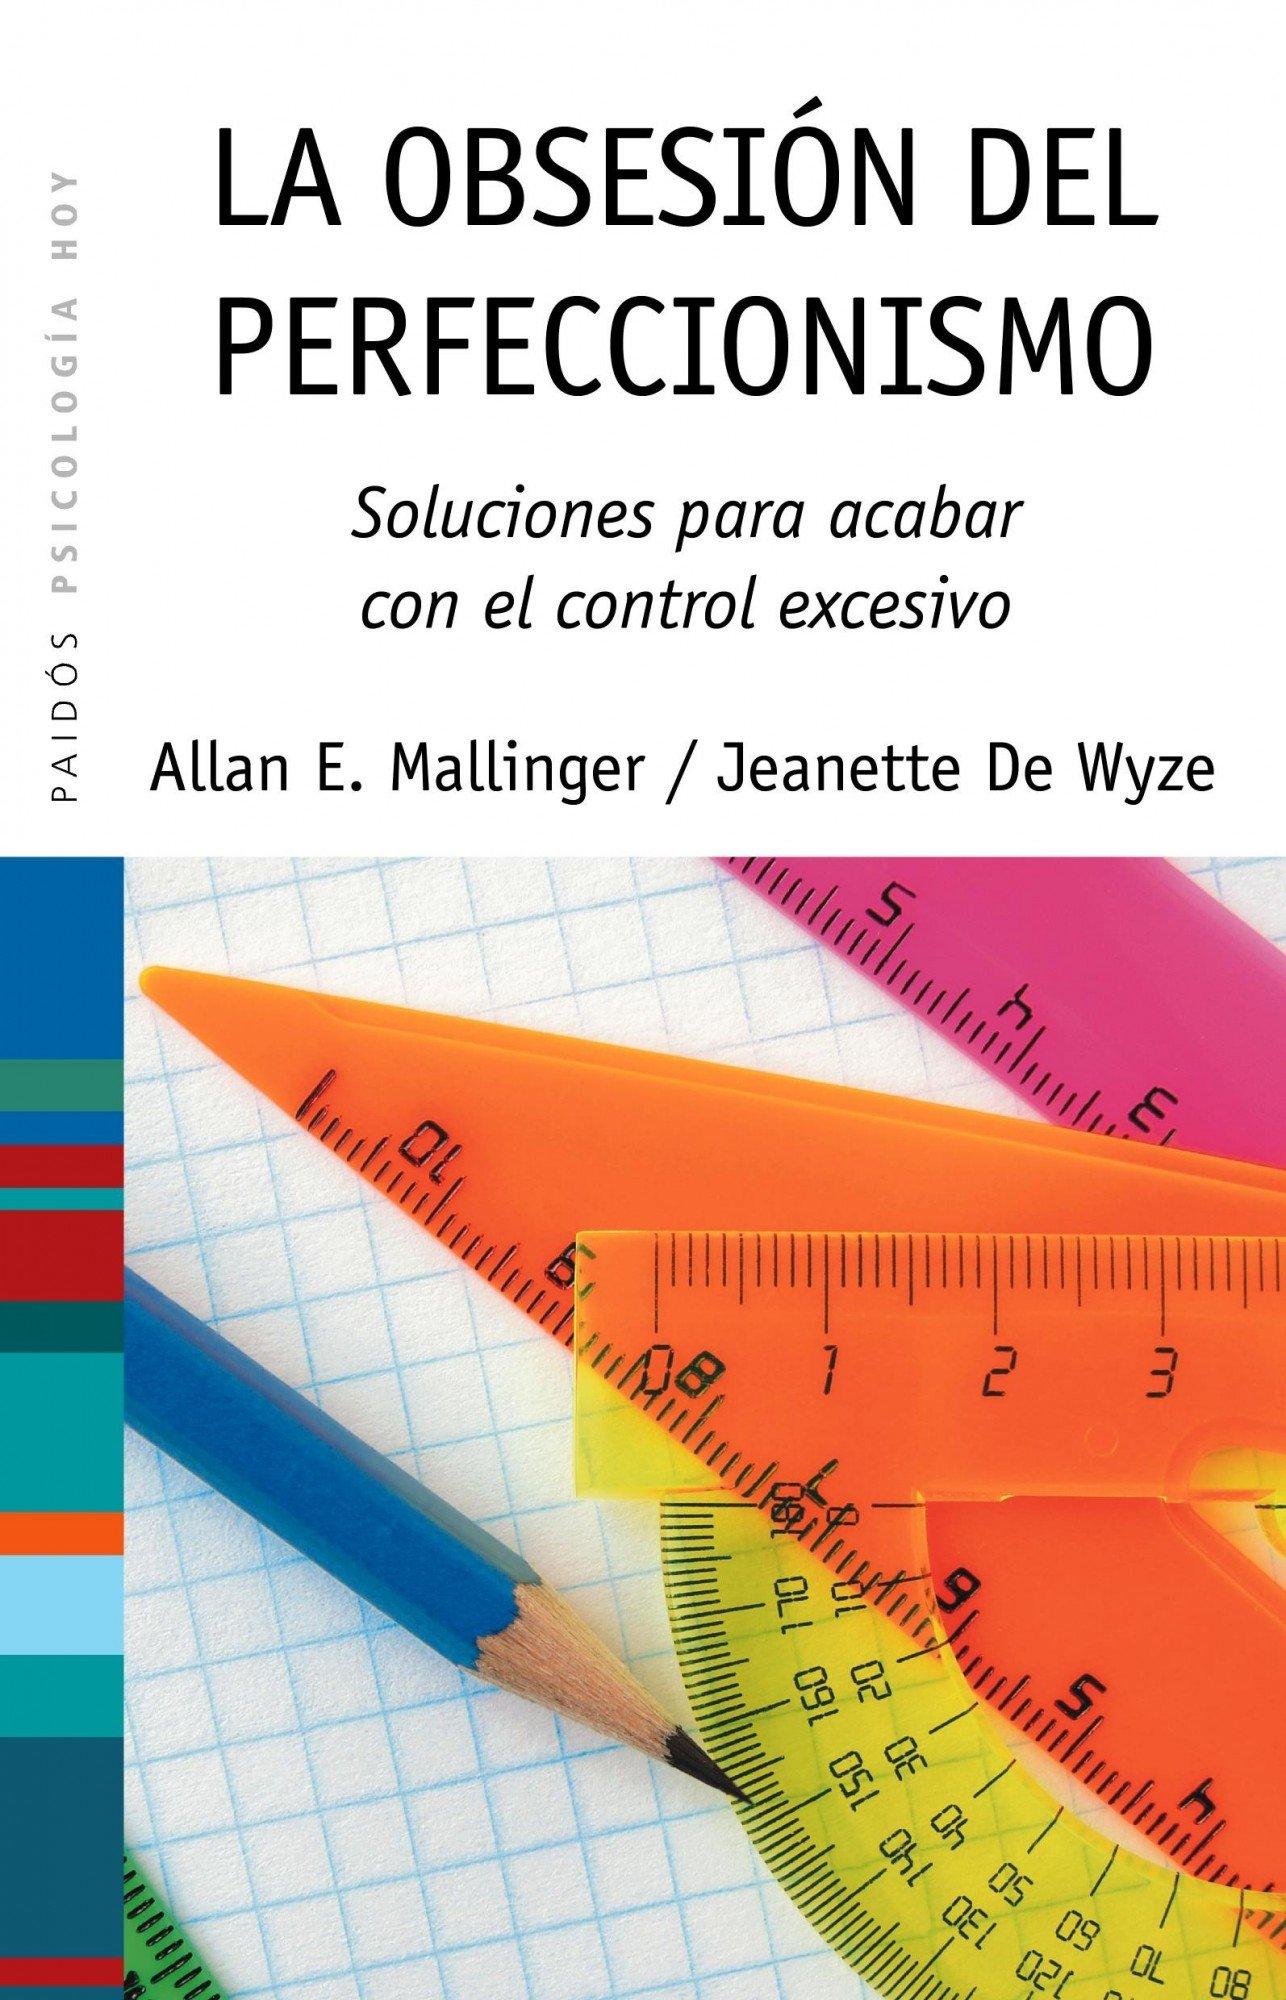 La obsesión del perfeccionismo (Spanish) Paperback – April 1, 2010